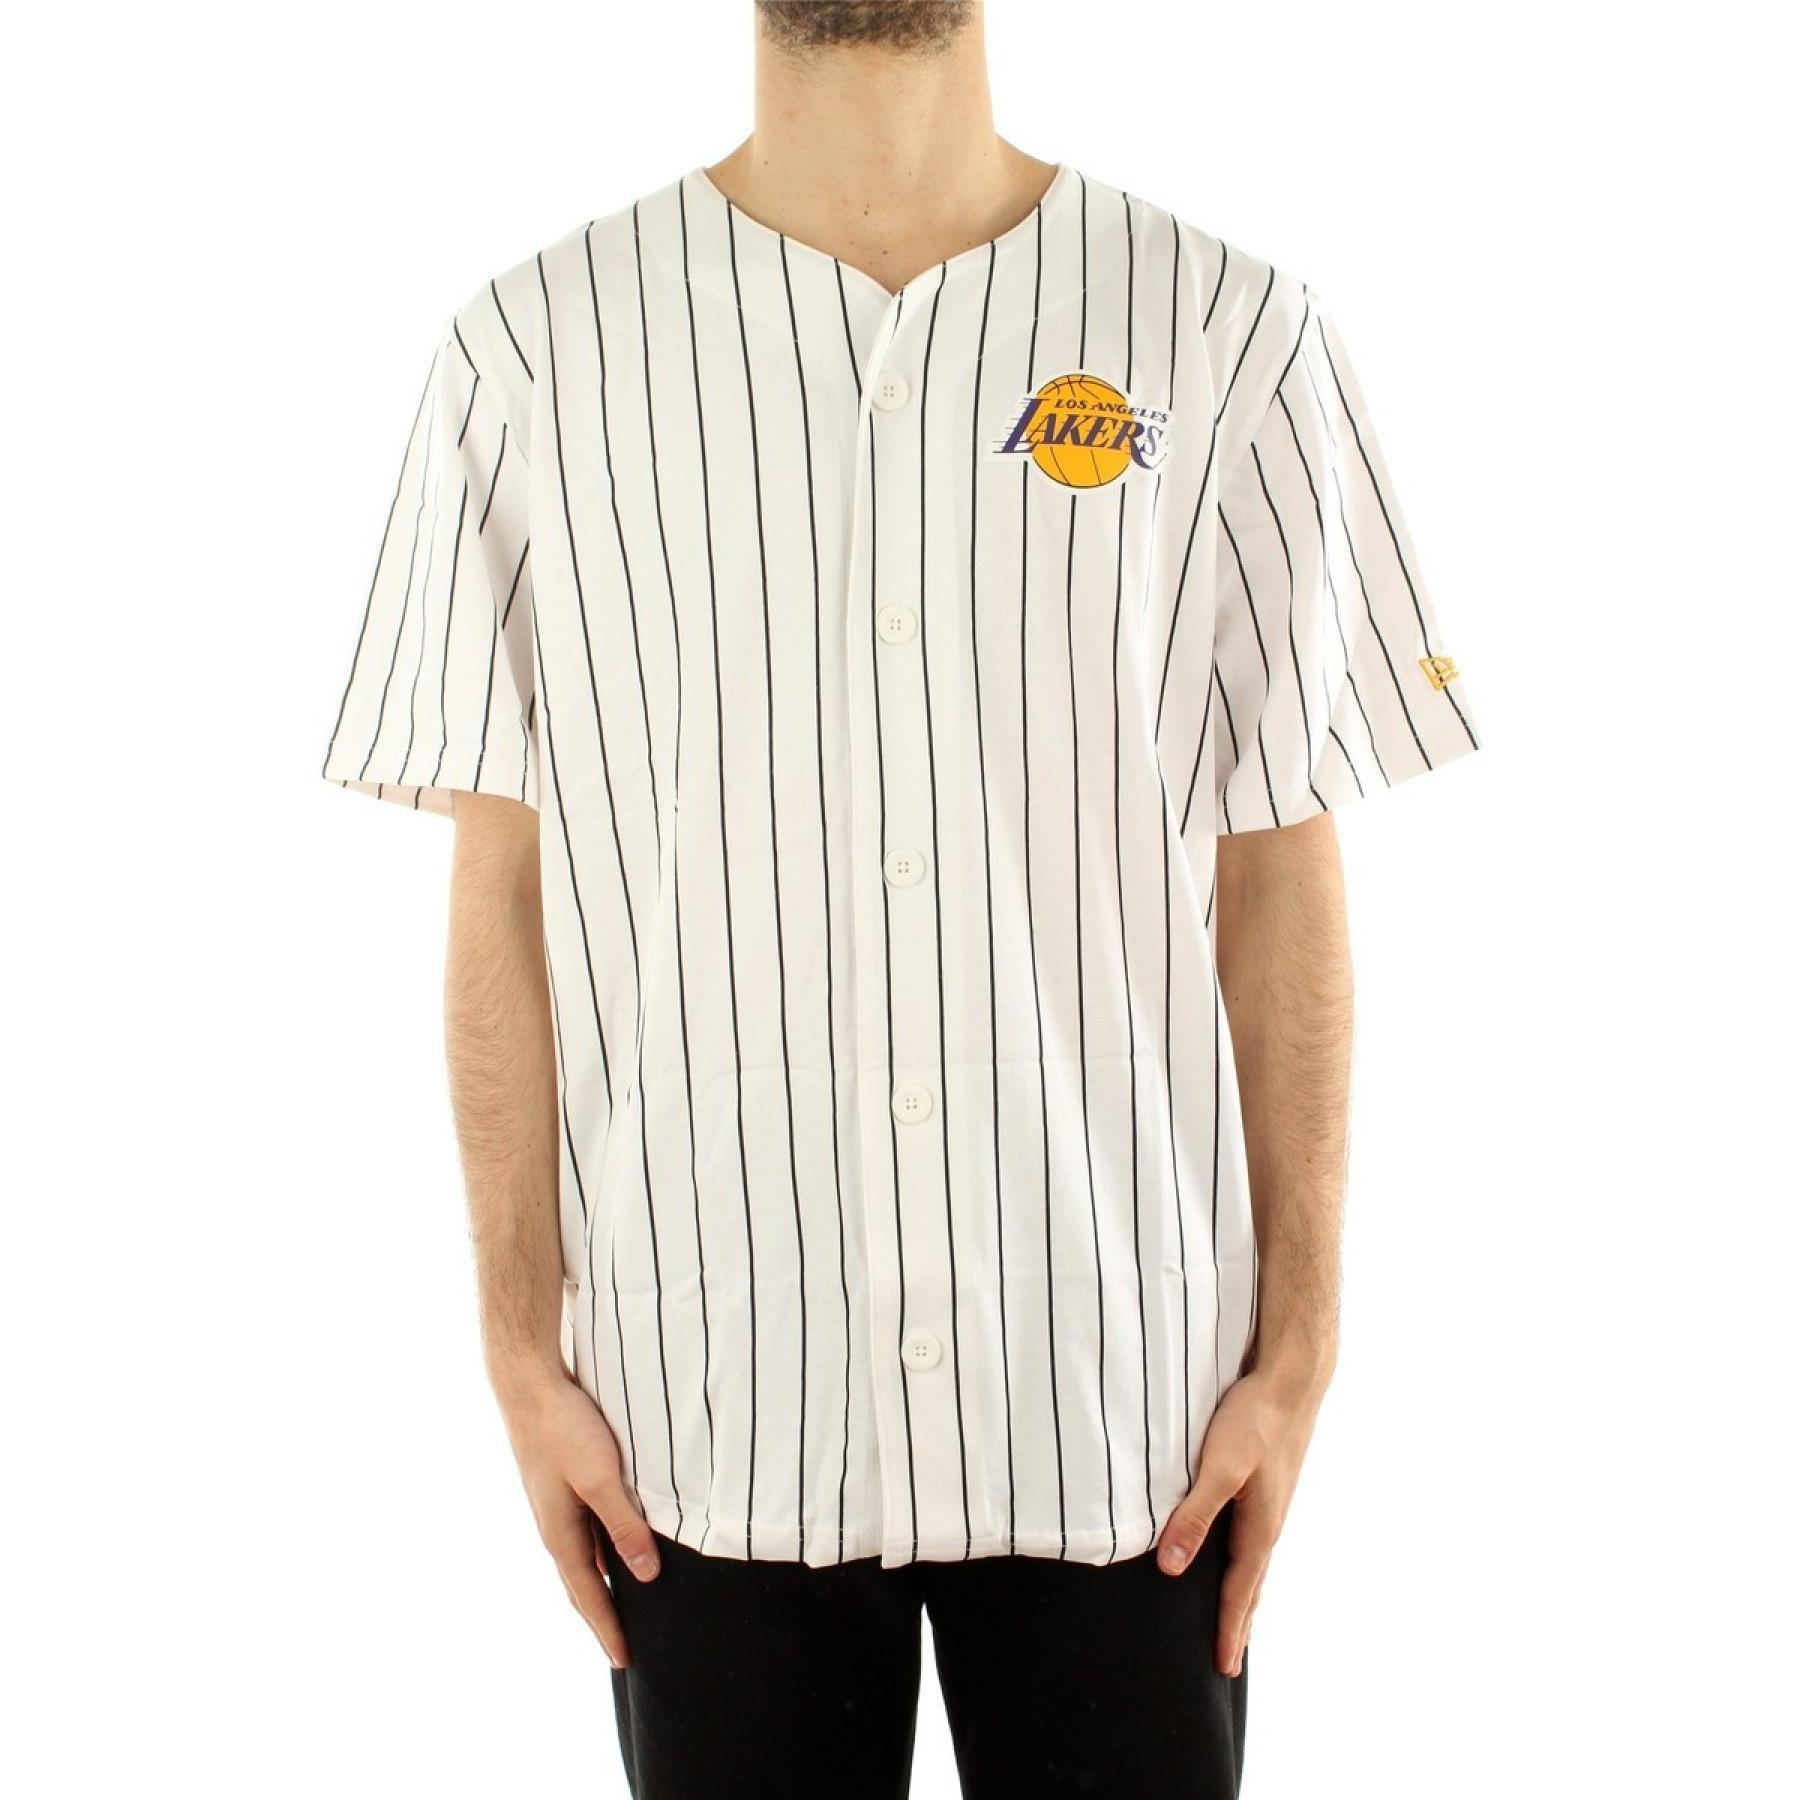 Baseball jersey New Era Los Angles Lakers